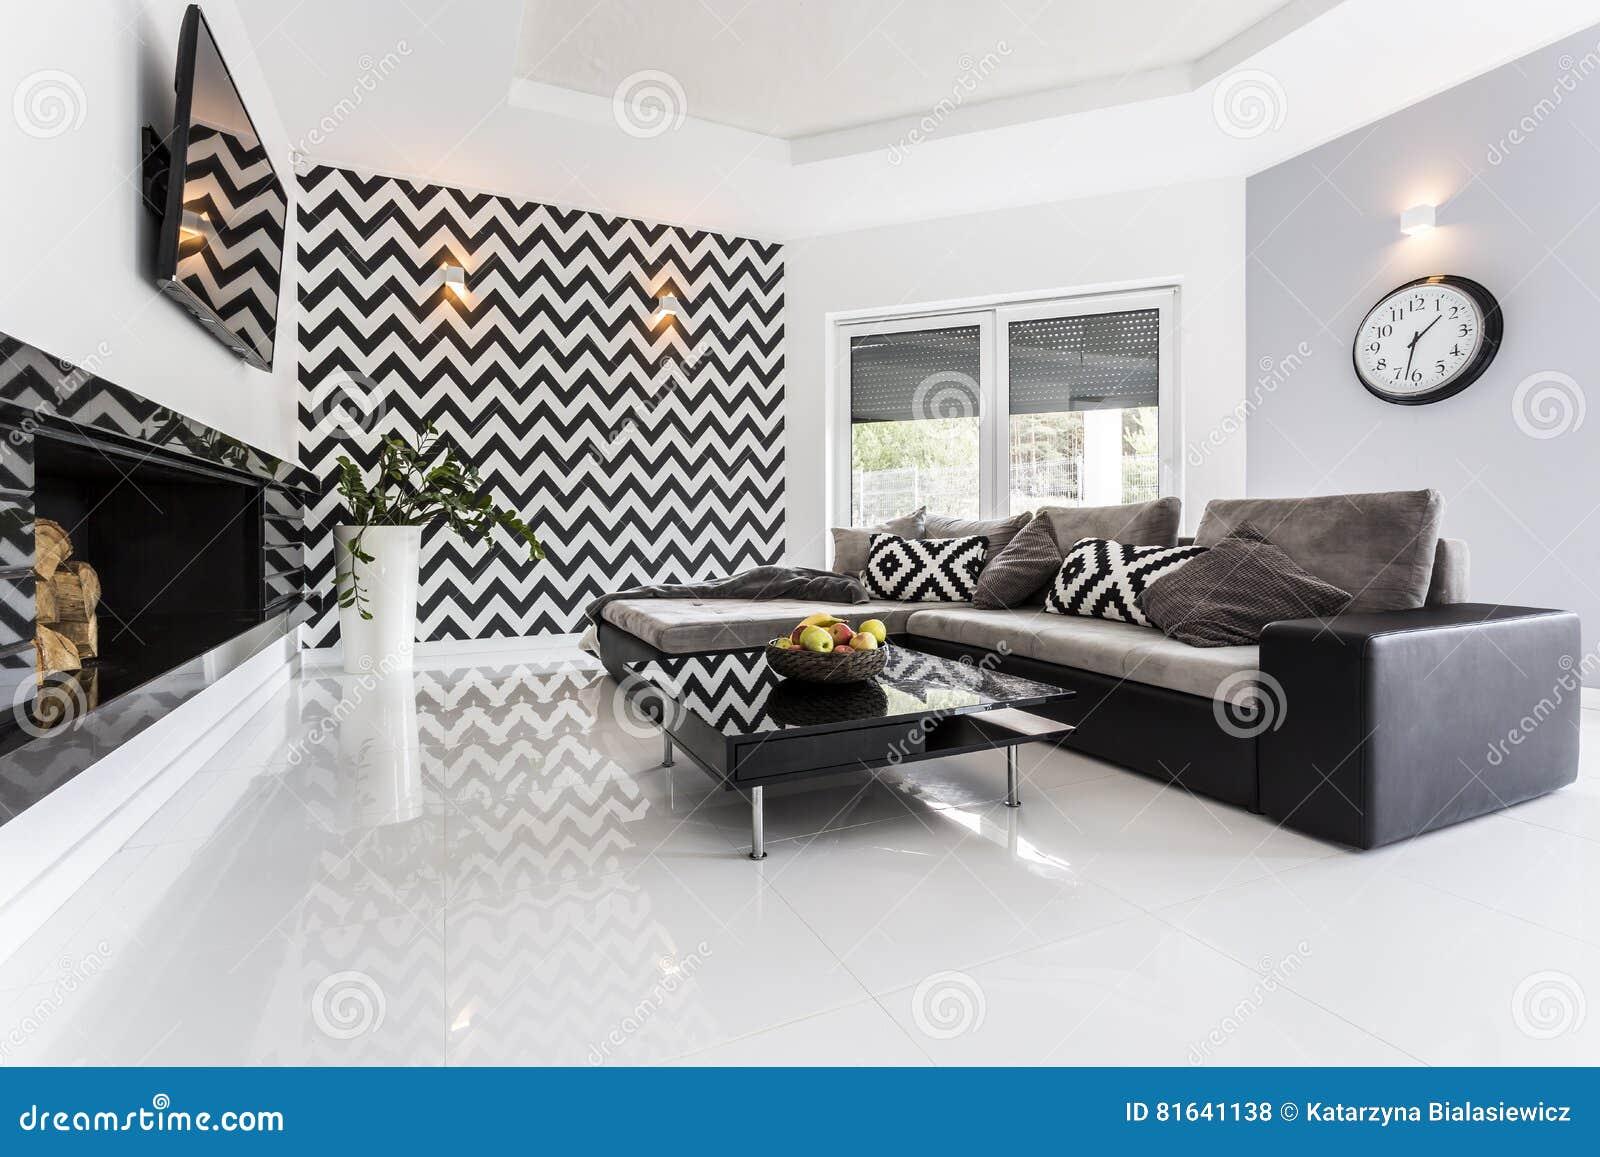 Tema Del Mosaico En La Pared En Sala De Estar Foto De Archivo Imagen De Comodidad Tema 81641138